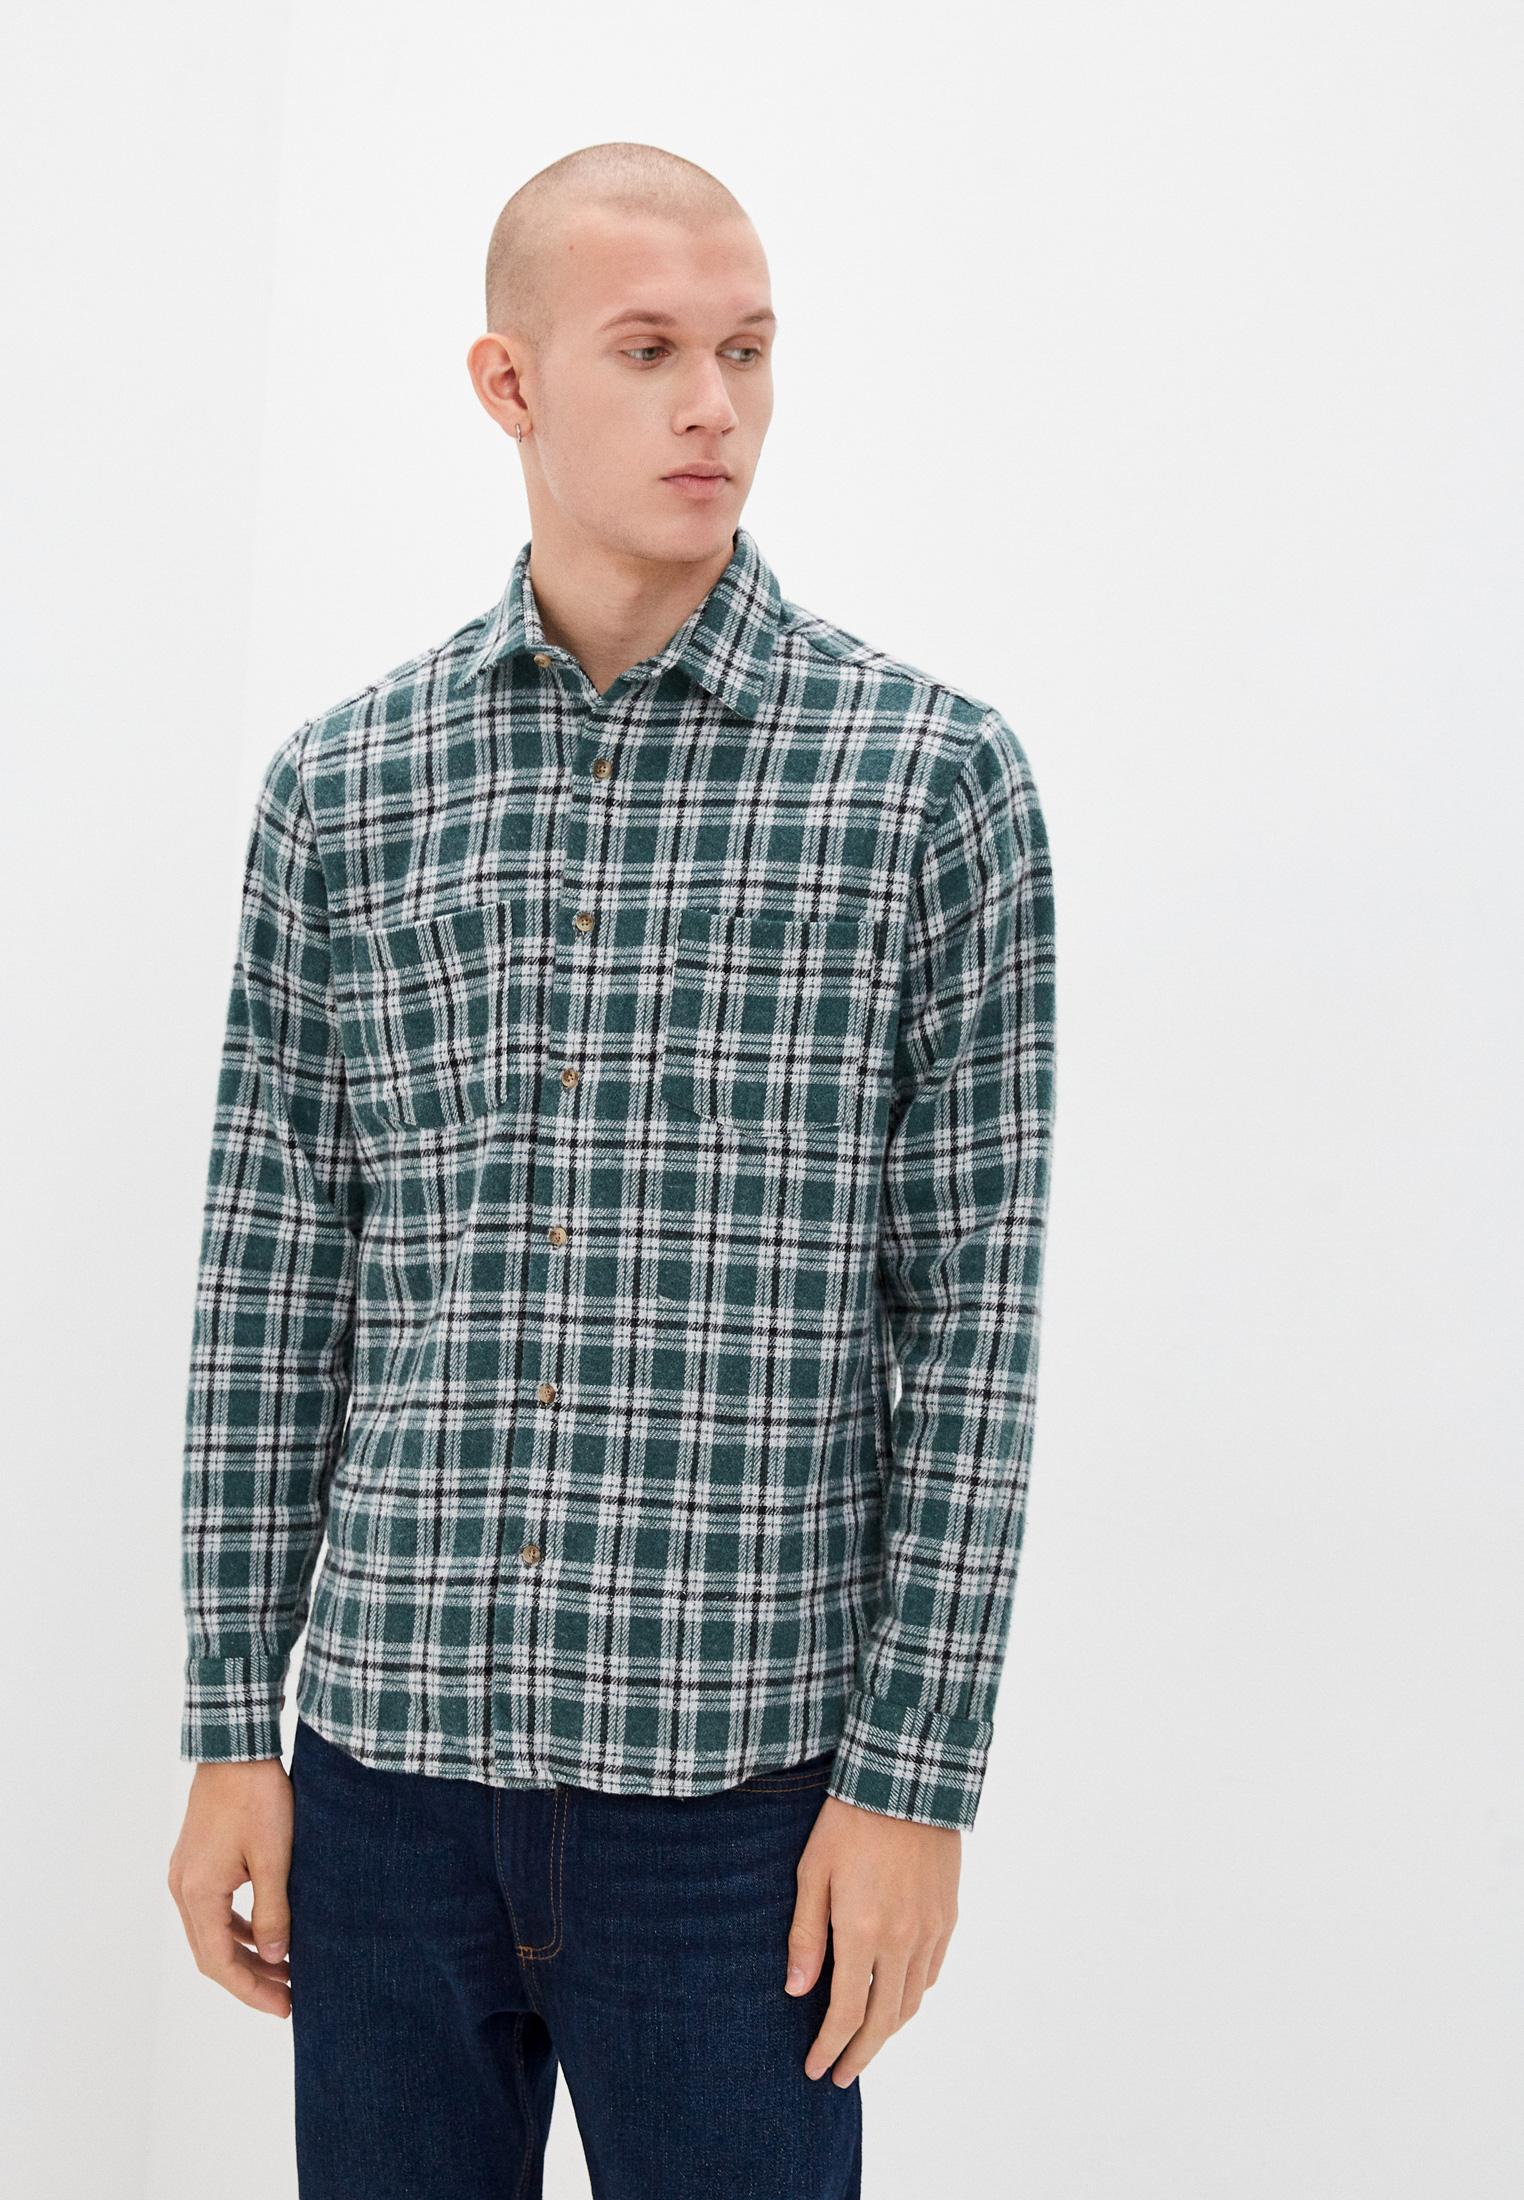 Рубашка с длинным рукавом Trendyol Рубашка Trendyol